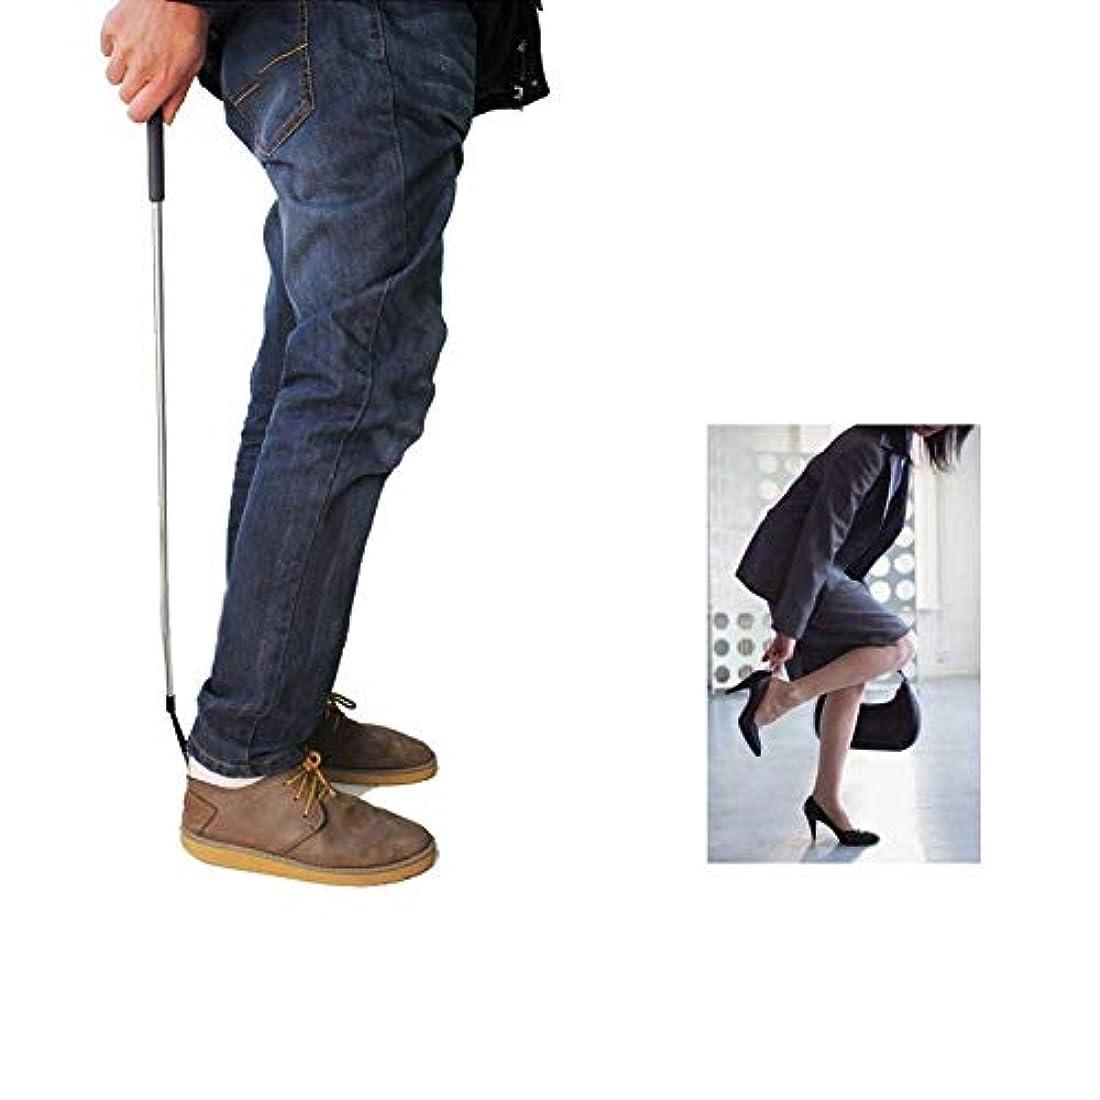 最大限キリン男性Pichidr-JP 靴べら シューホーン くつべら 靴 長ヘラ 携帯 伸縮自在 シューケア ロング 軽量 高齢者 靴の角拡張可能&折りたたみ 男性女性靴